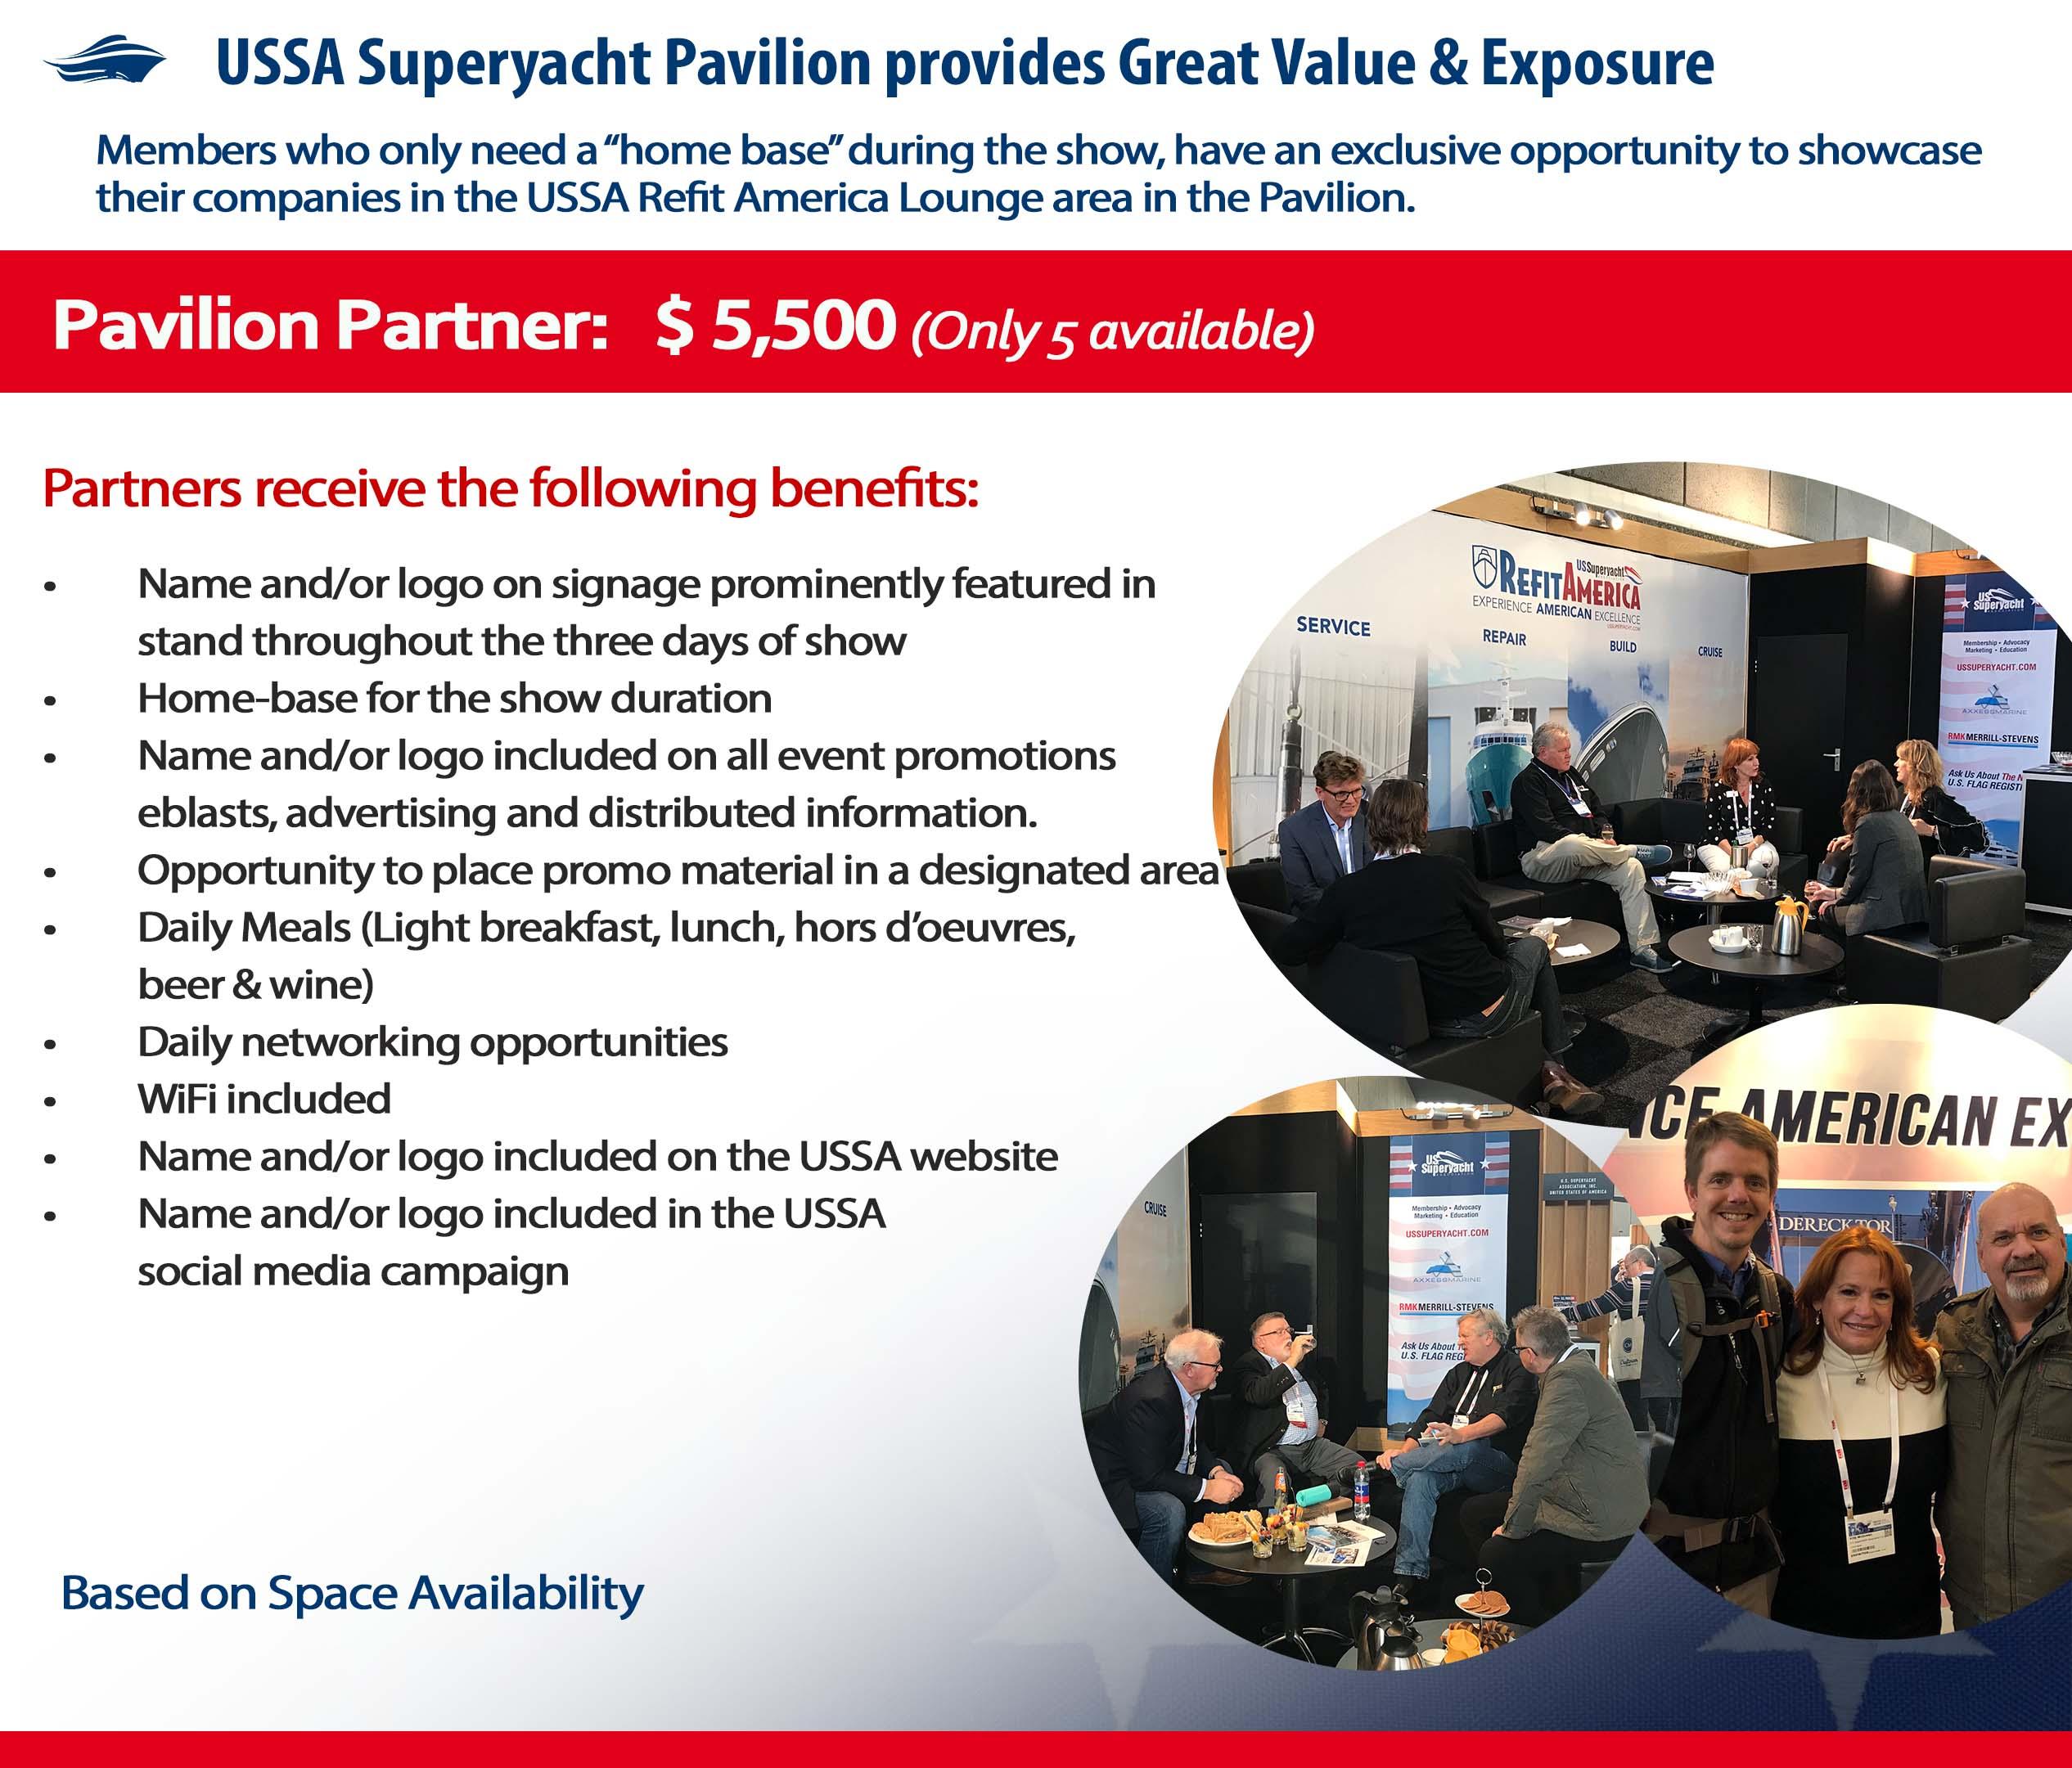 Pavilion Partner description and benefits